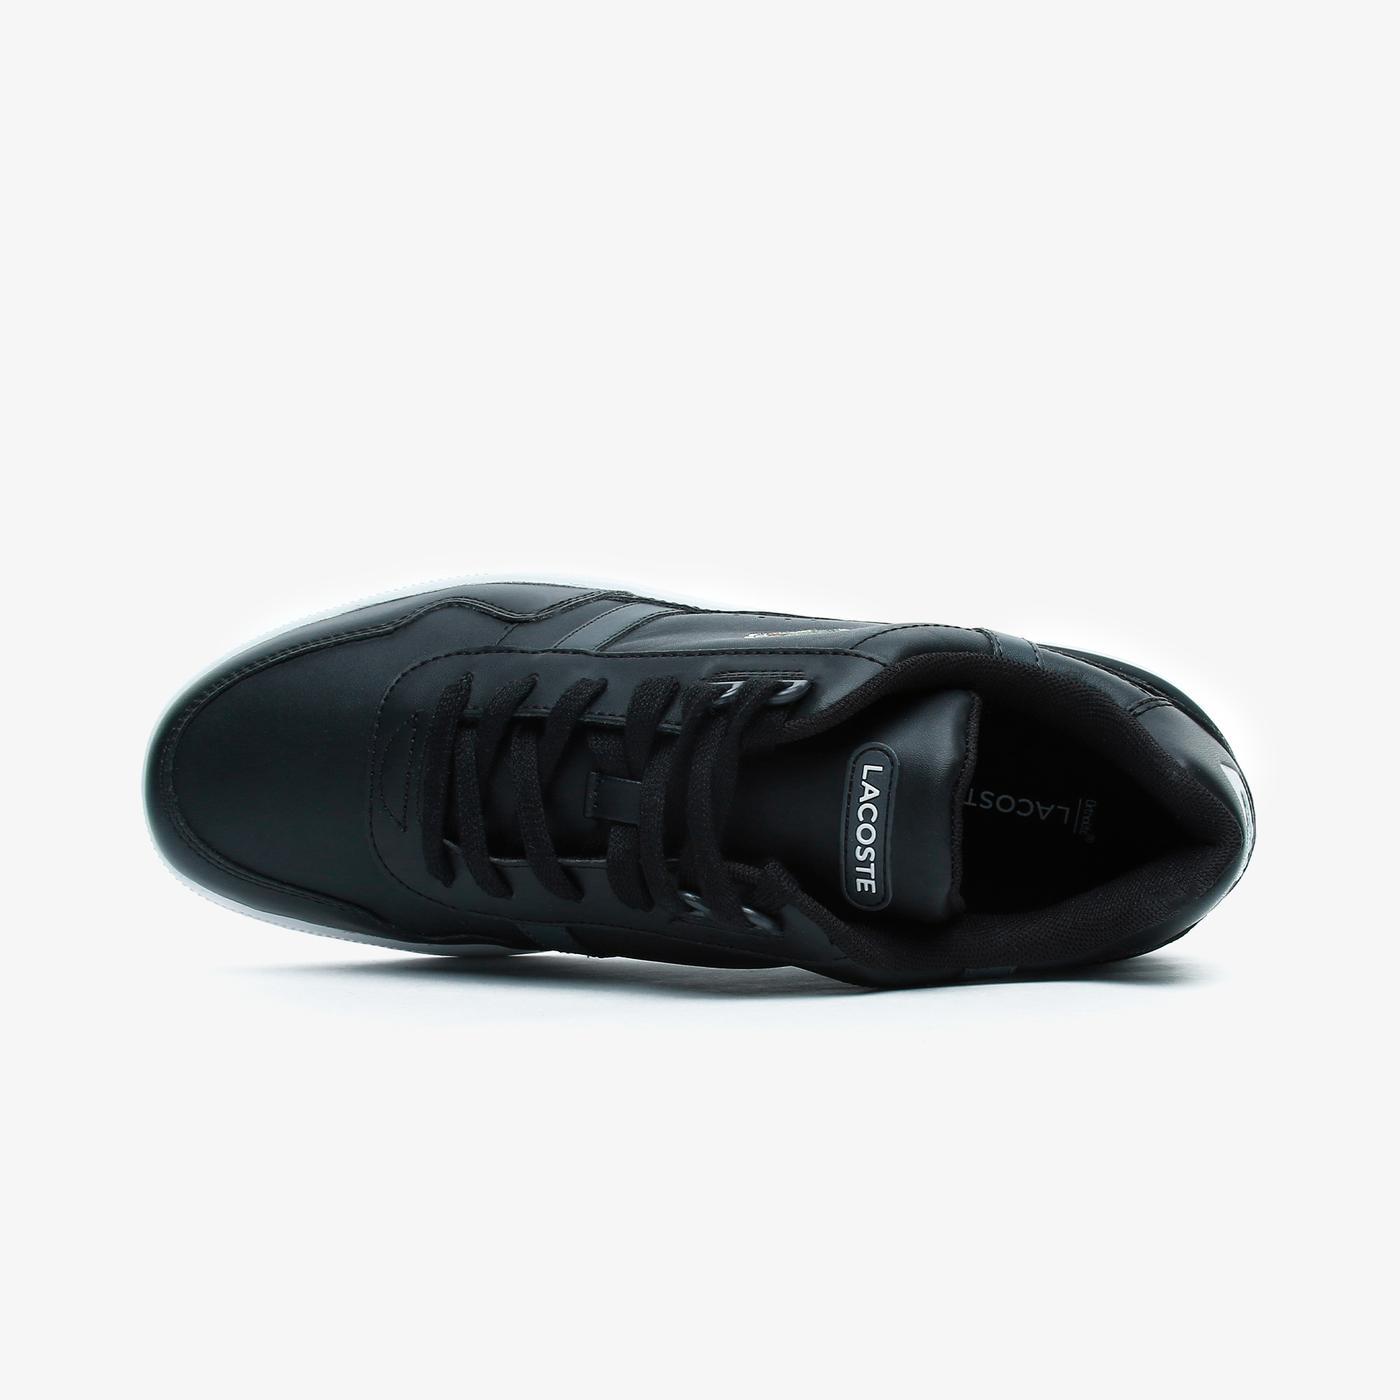 Lacoste T-Clip 0721 2 Sma Erkek Siyah - Antrasit Spor Ayakkabı